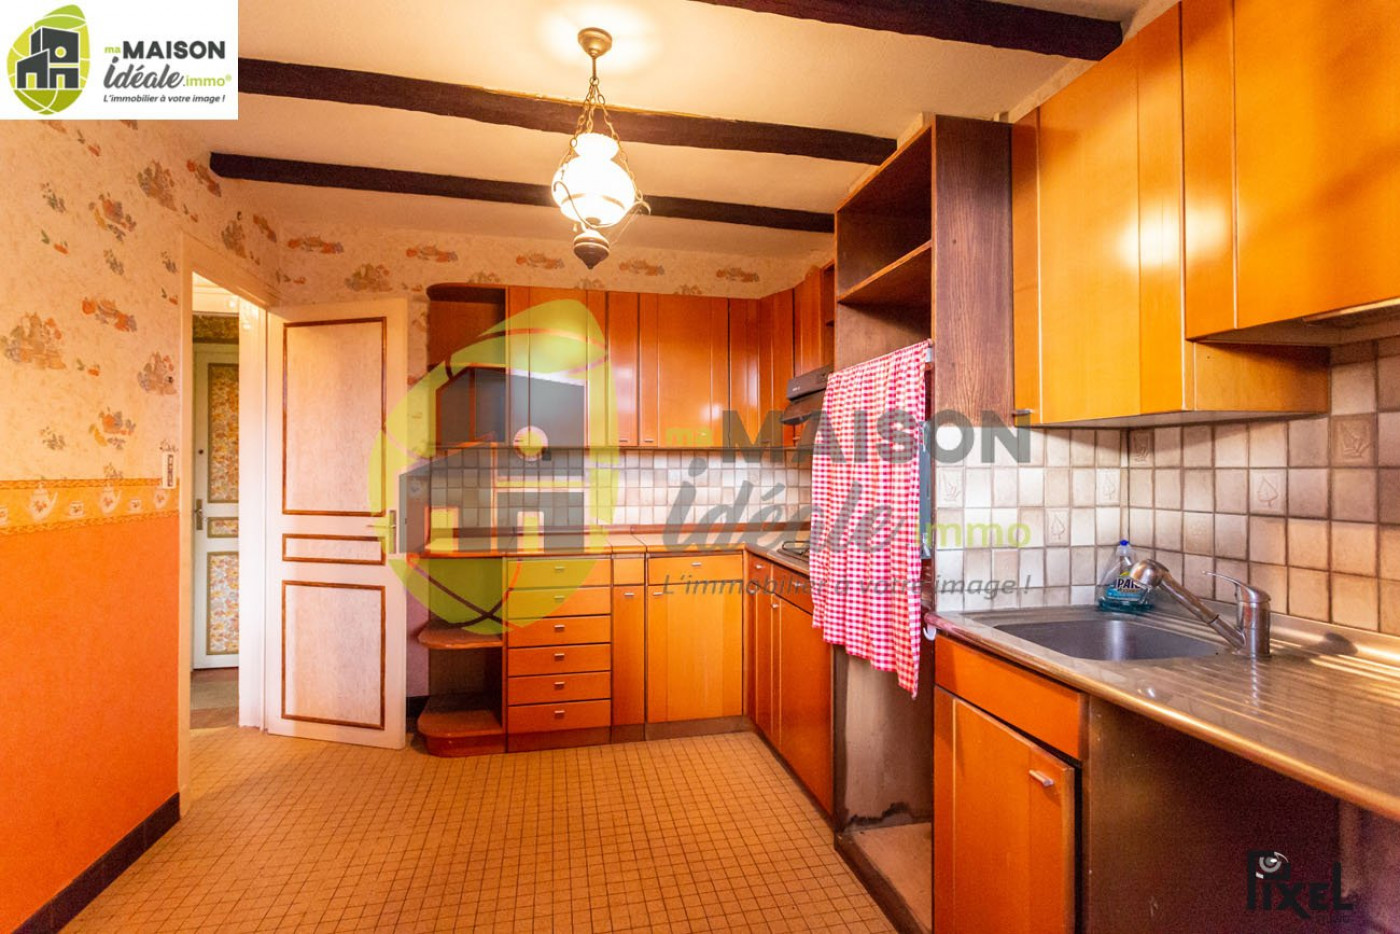 A vendre  Civray | Réf 36003710 - Ma maison ideale